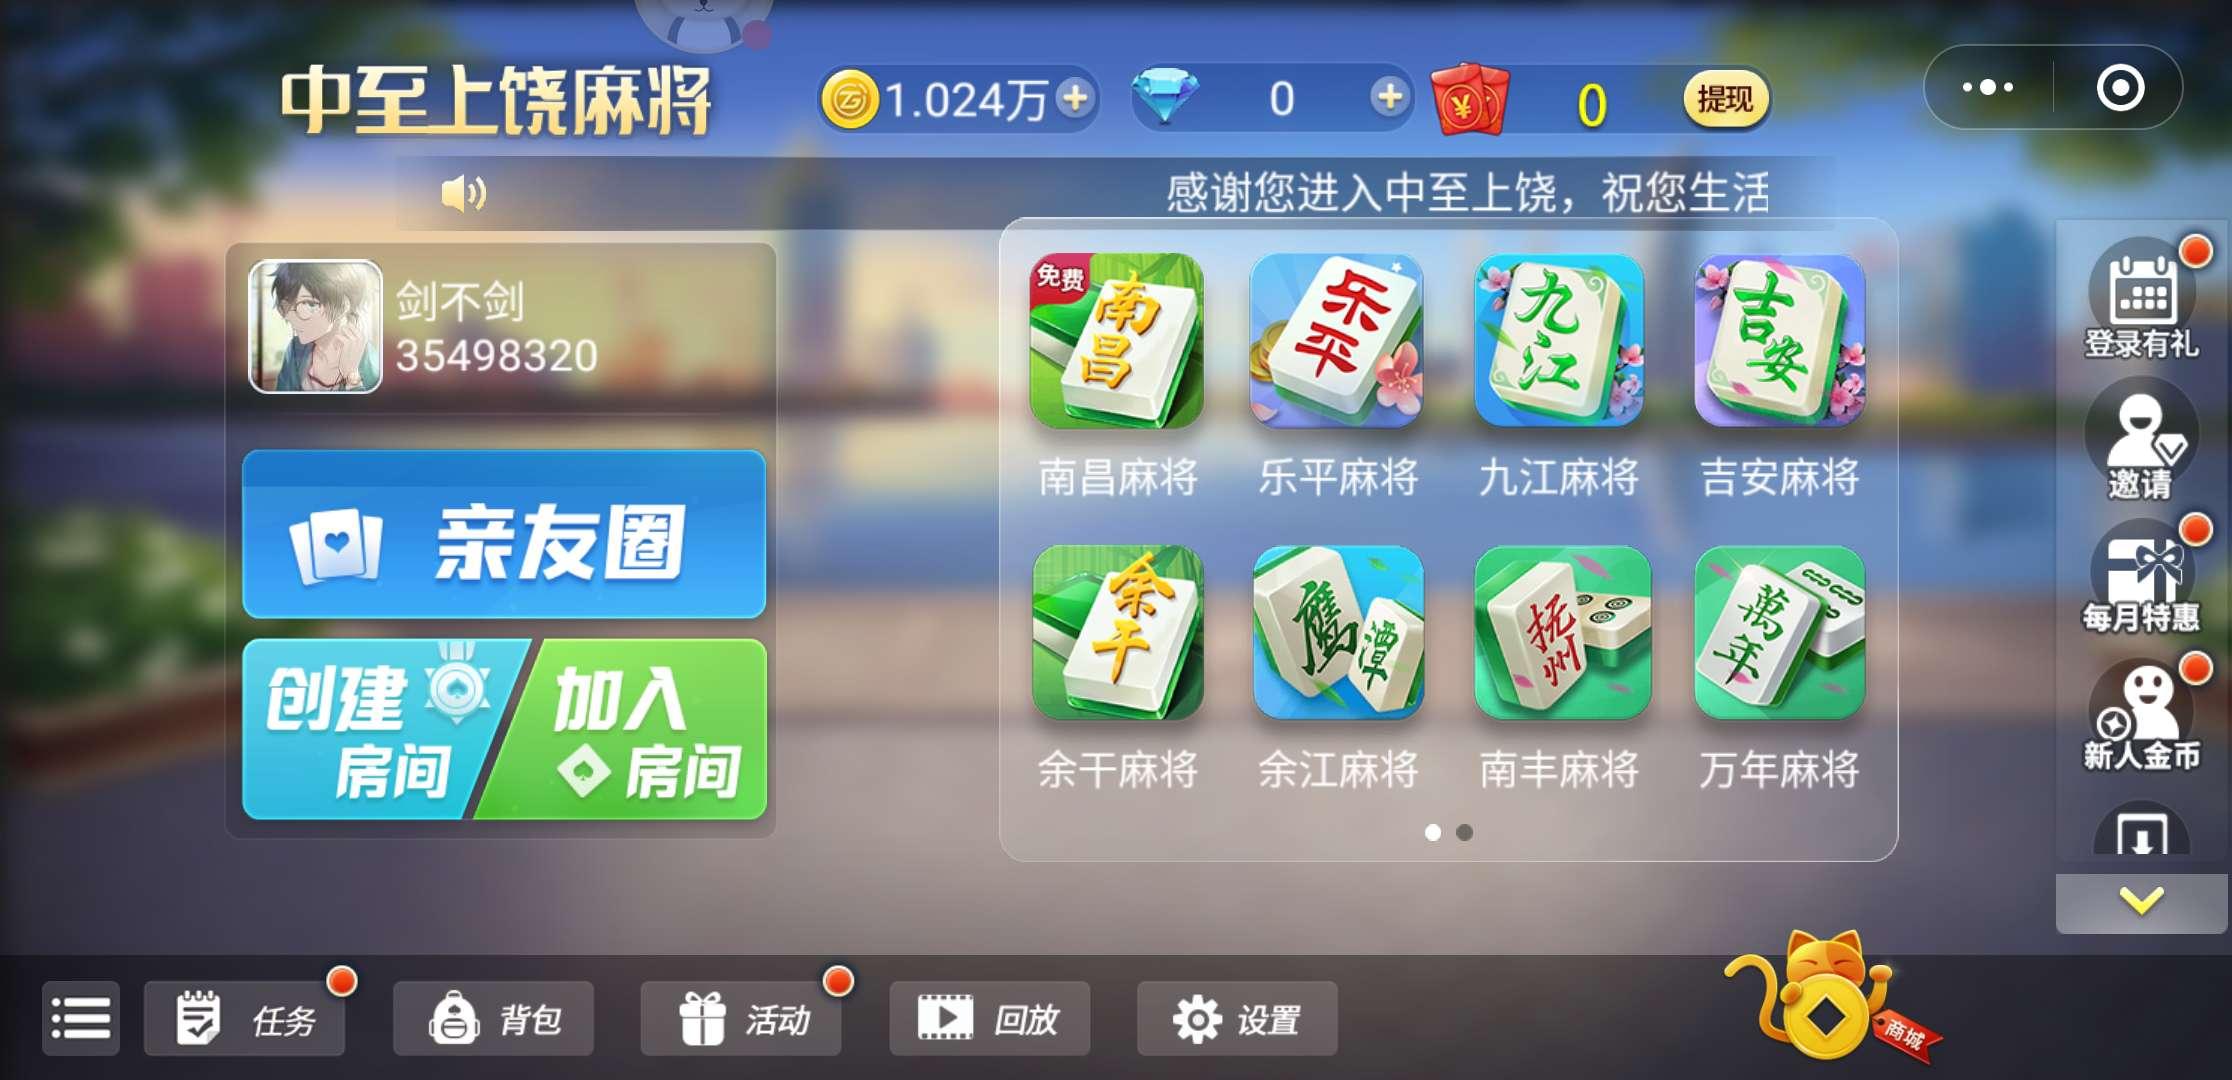 开发棋牌游戏app为什么要进行市场调查?